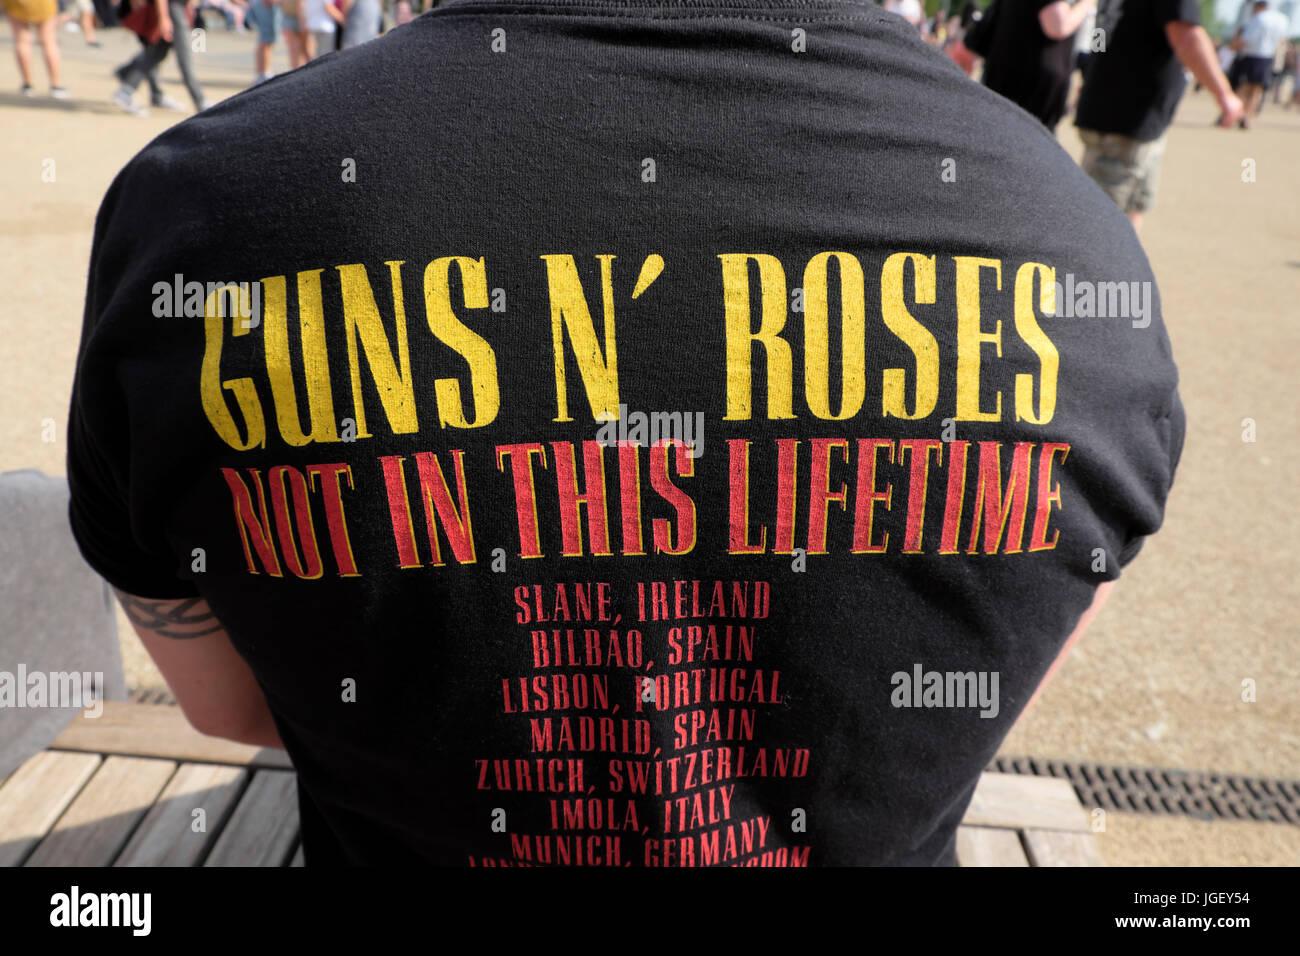 Hombre Vestido Con Guns N Roses 16 17 De Junio De 2017 Londres Reino Unido Camiseta En La Música De Concierto En El Queen Elizabeth Olympic Park Stratford Inglaterra Kathy Dewitt